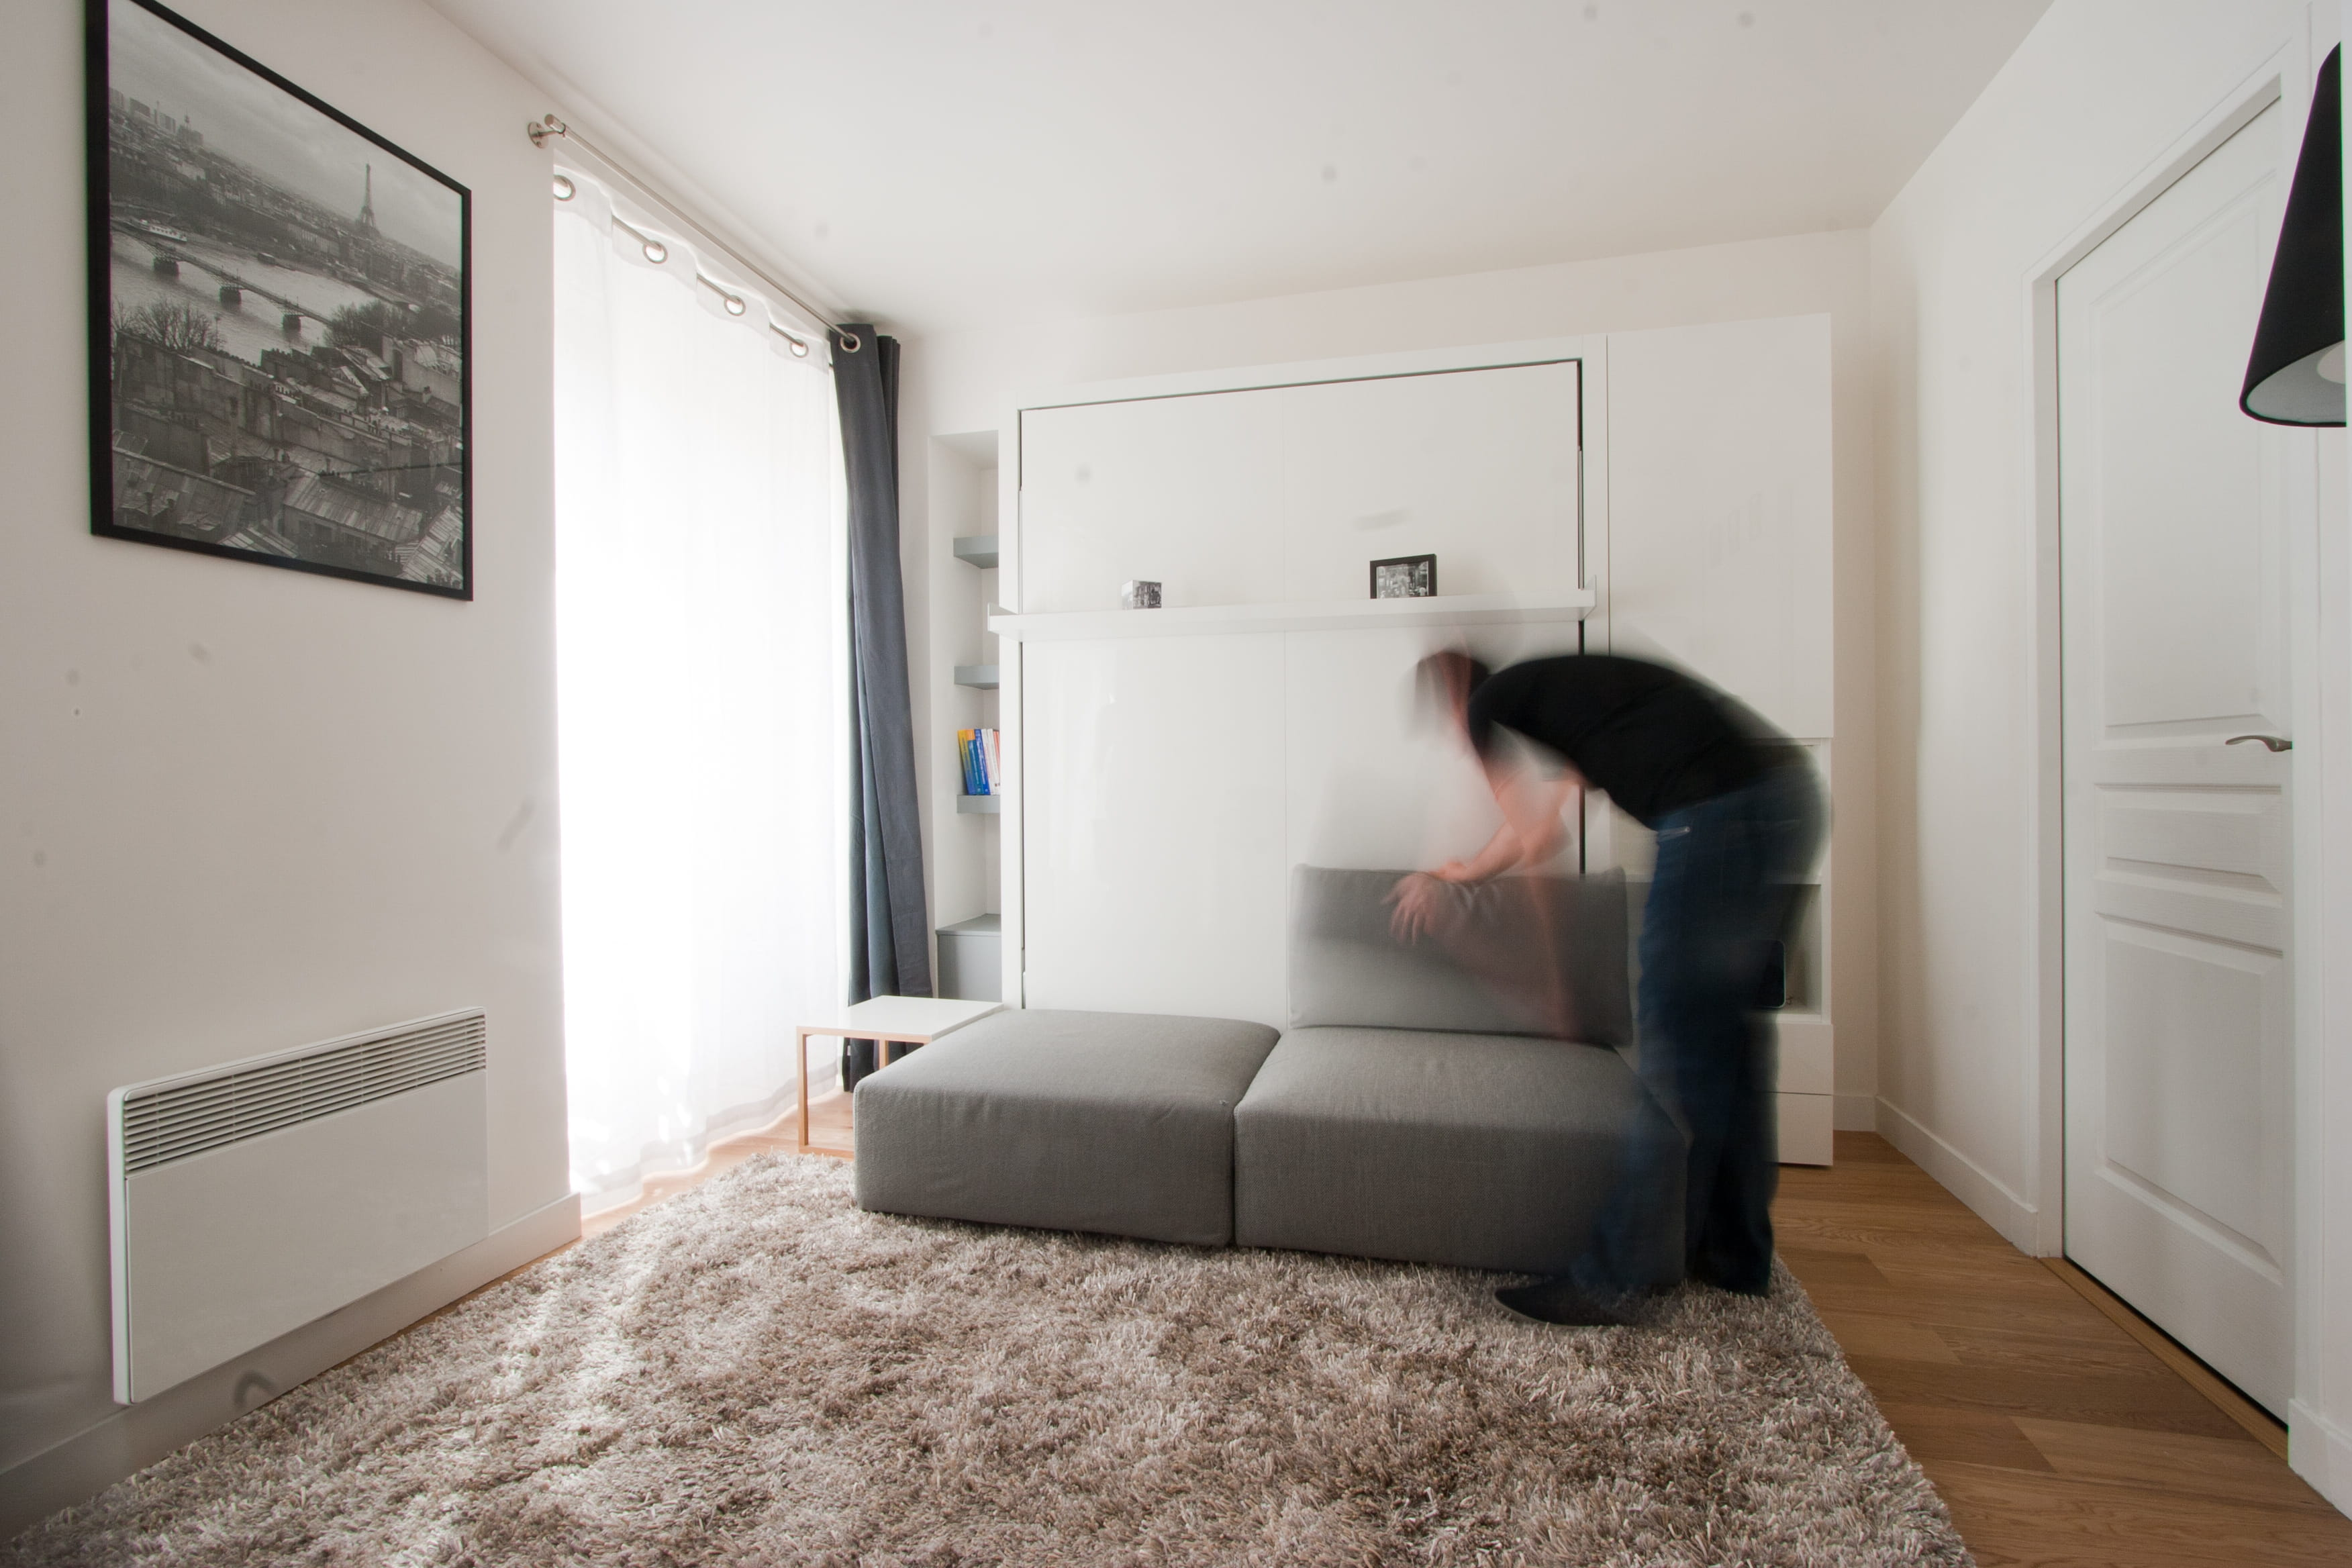 comment gagner de la place 12 id es pour optimiser les m tres carr s. Black Bedroom Furniture Sets. Home Design Ideas